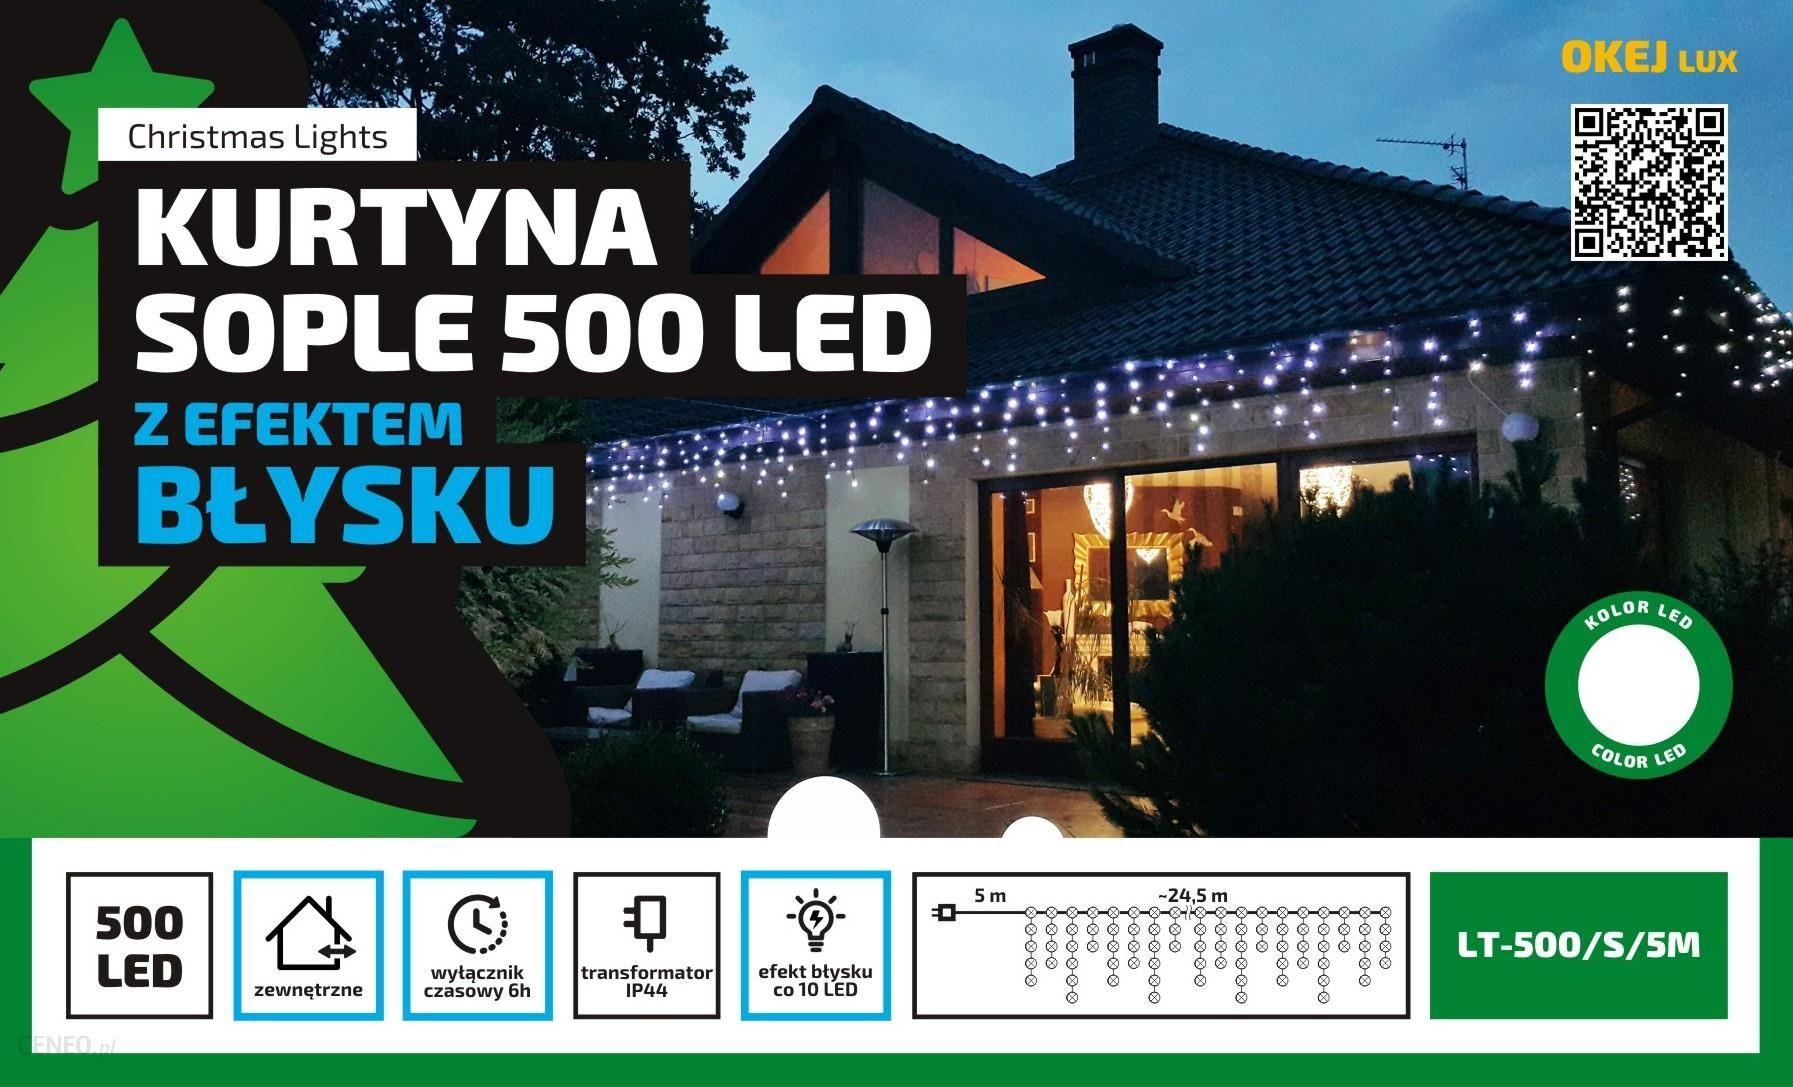 Lampki Zewnętrzne Kurtyna Sople Girlanda Dł 245 M 500 Led Migające Wył Czasowy Oświetlenie świąteczne Nr 0447